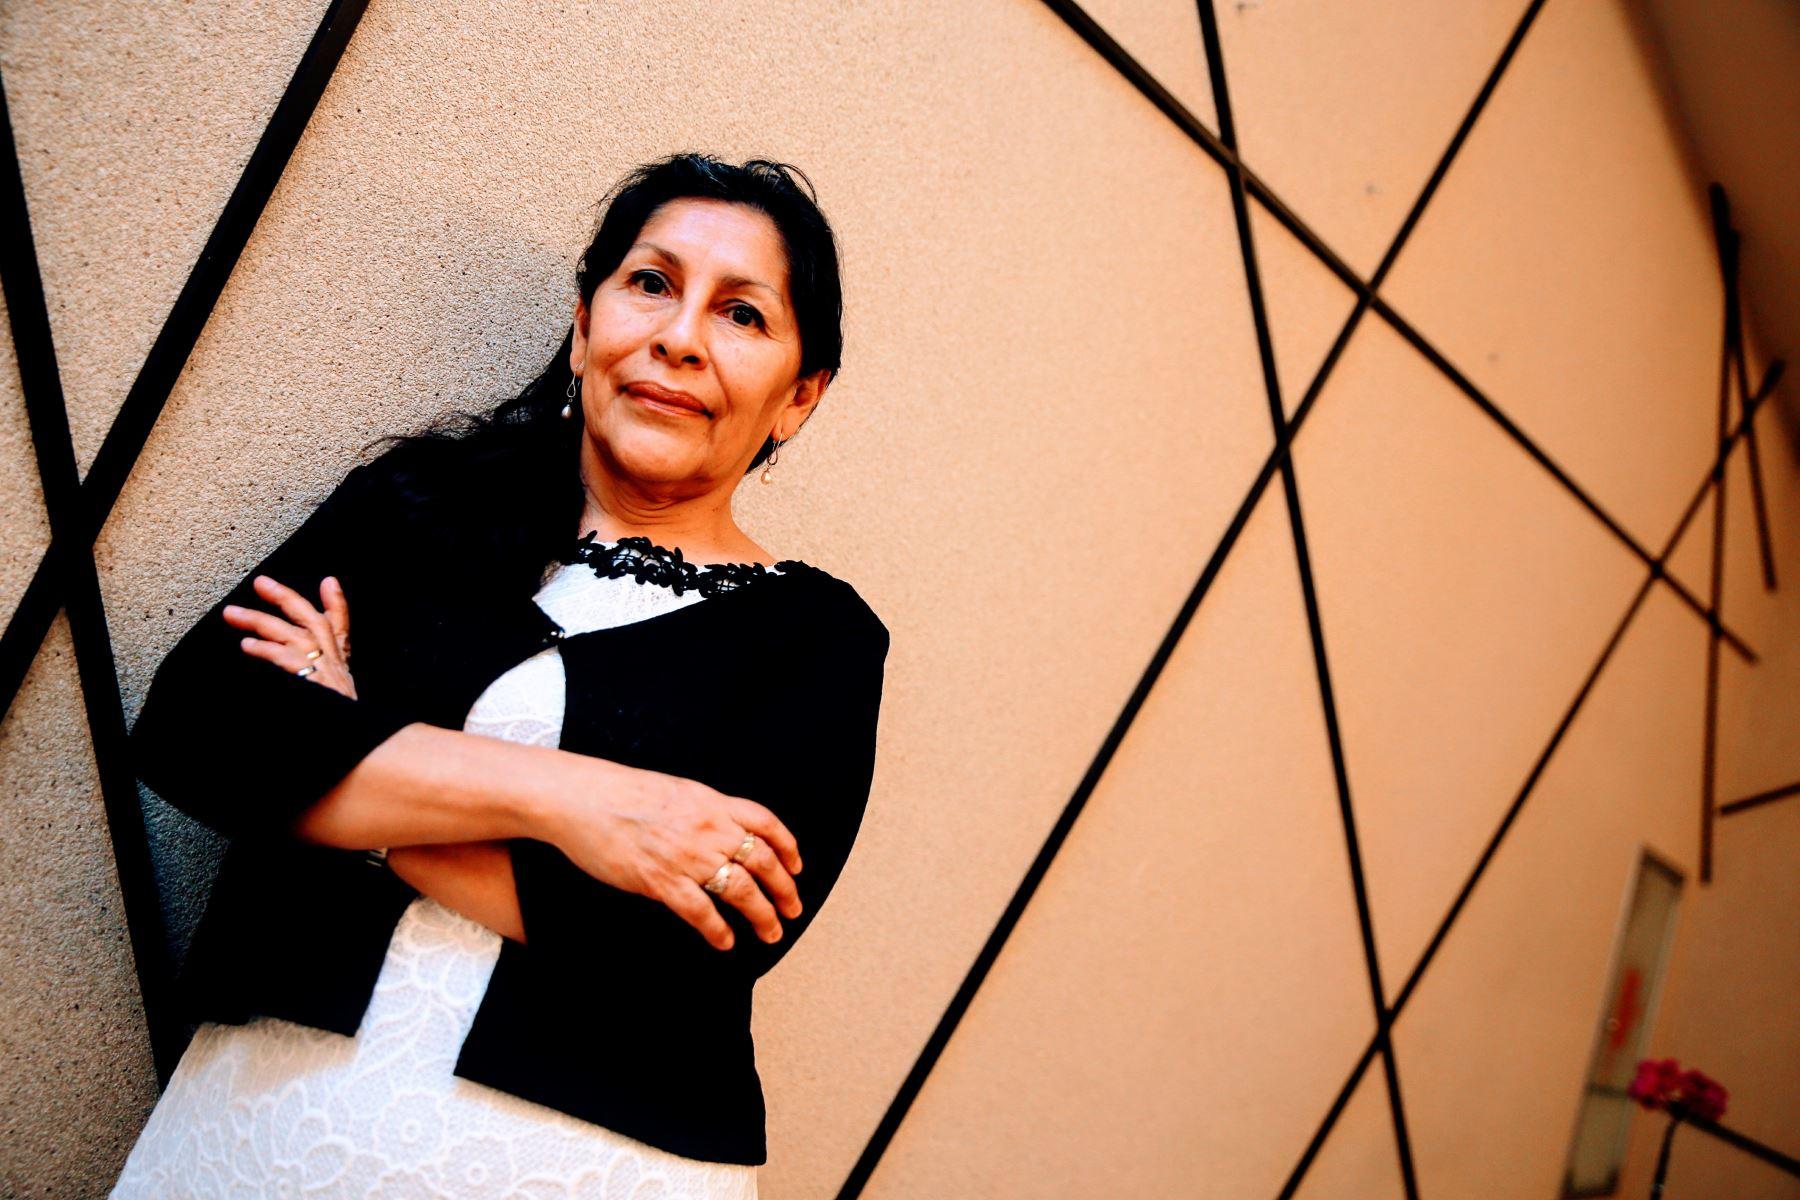 Peruana es la primera latinoamericana que llega al Parlamento canadiense y fue compañera de presidente Vizcarra en la UNI. Foto: ANDINA/Luis Iparraguirre.